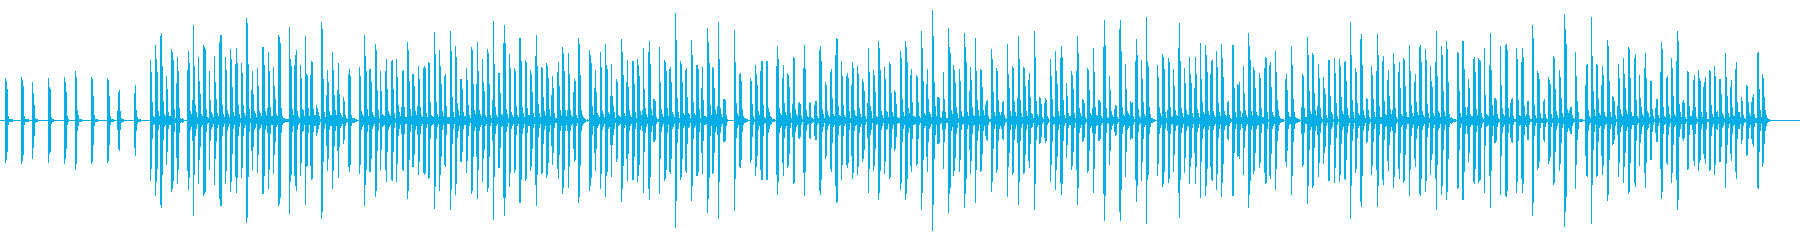 ランダムな口笛みたいな曲・コード進行の再生済みの波形